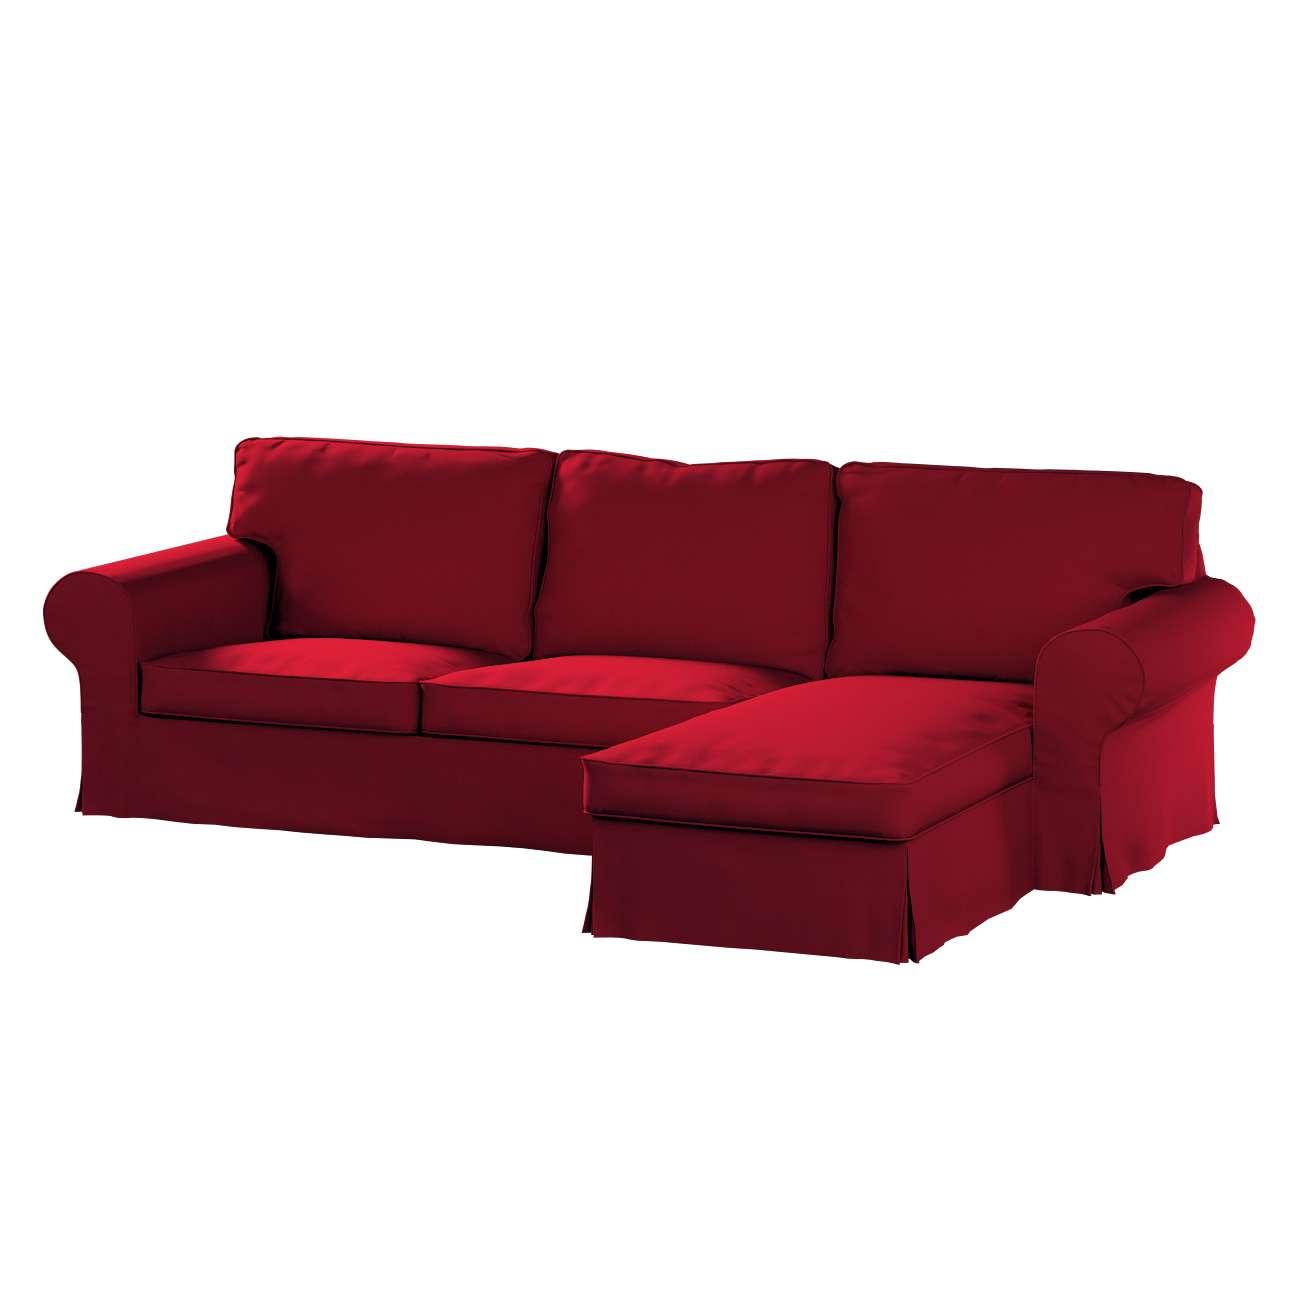 Ektorp 2-Sitzer Sofabezug mit Recamiere von der Kollektion Etna, Stoff: 705-60